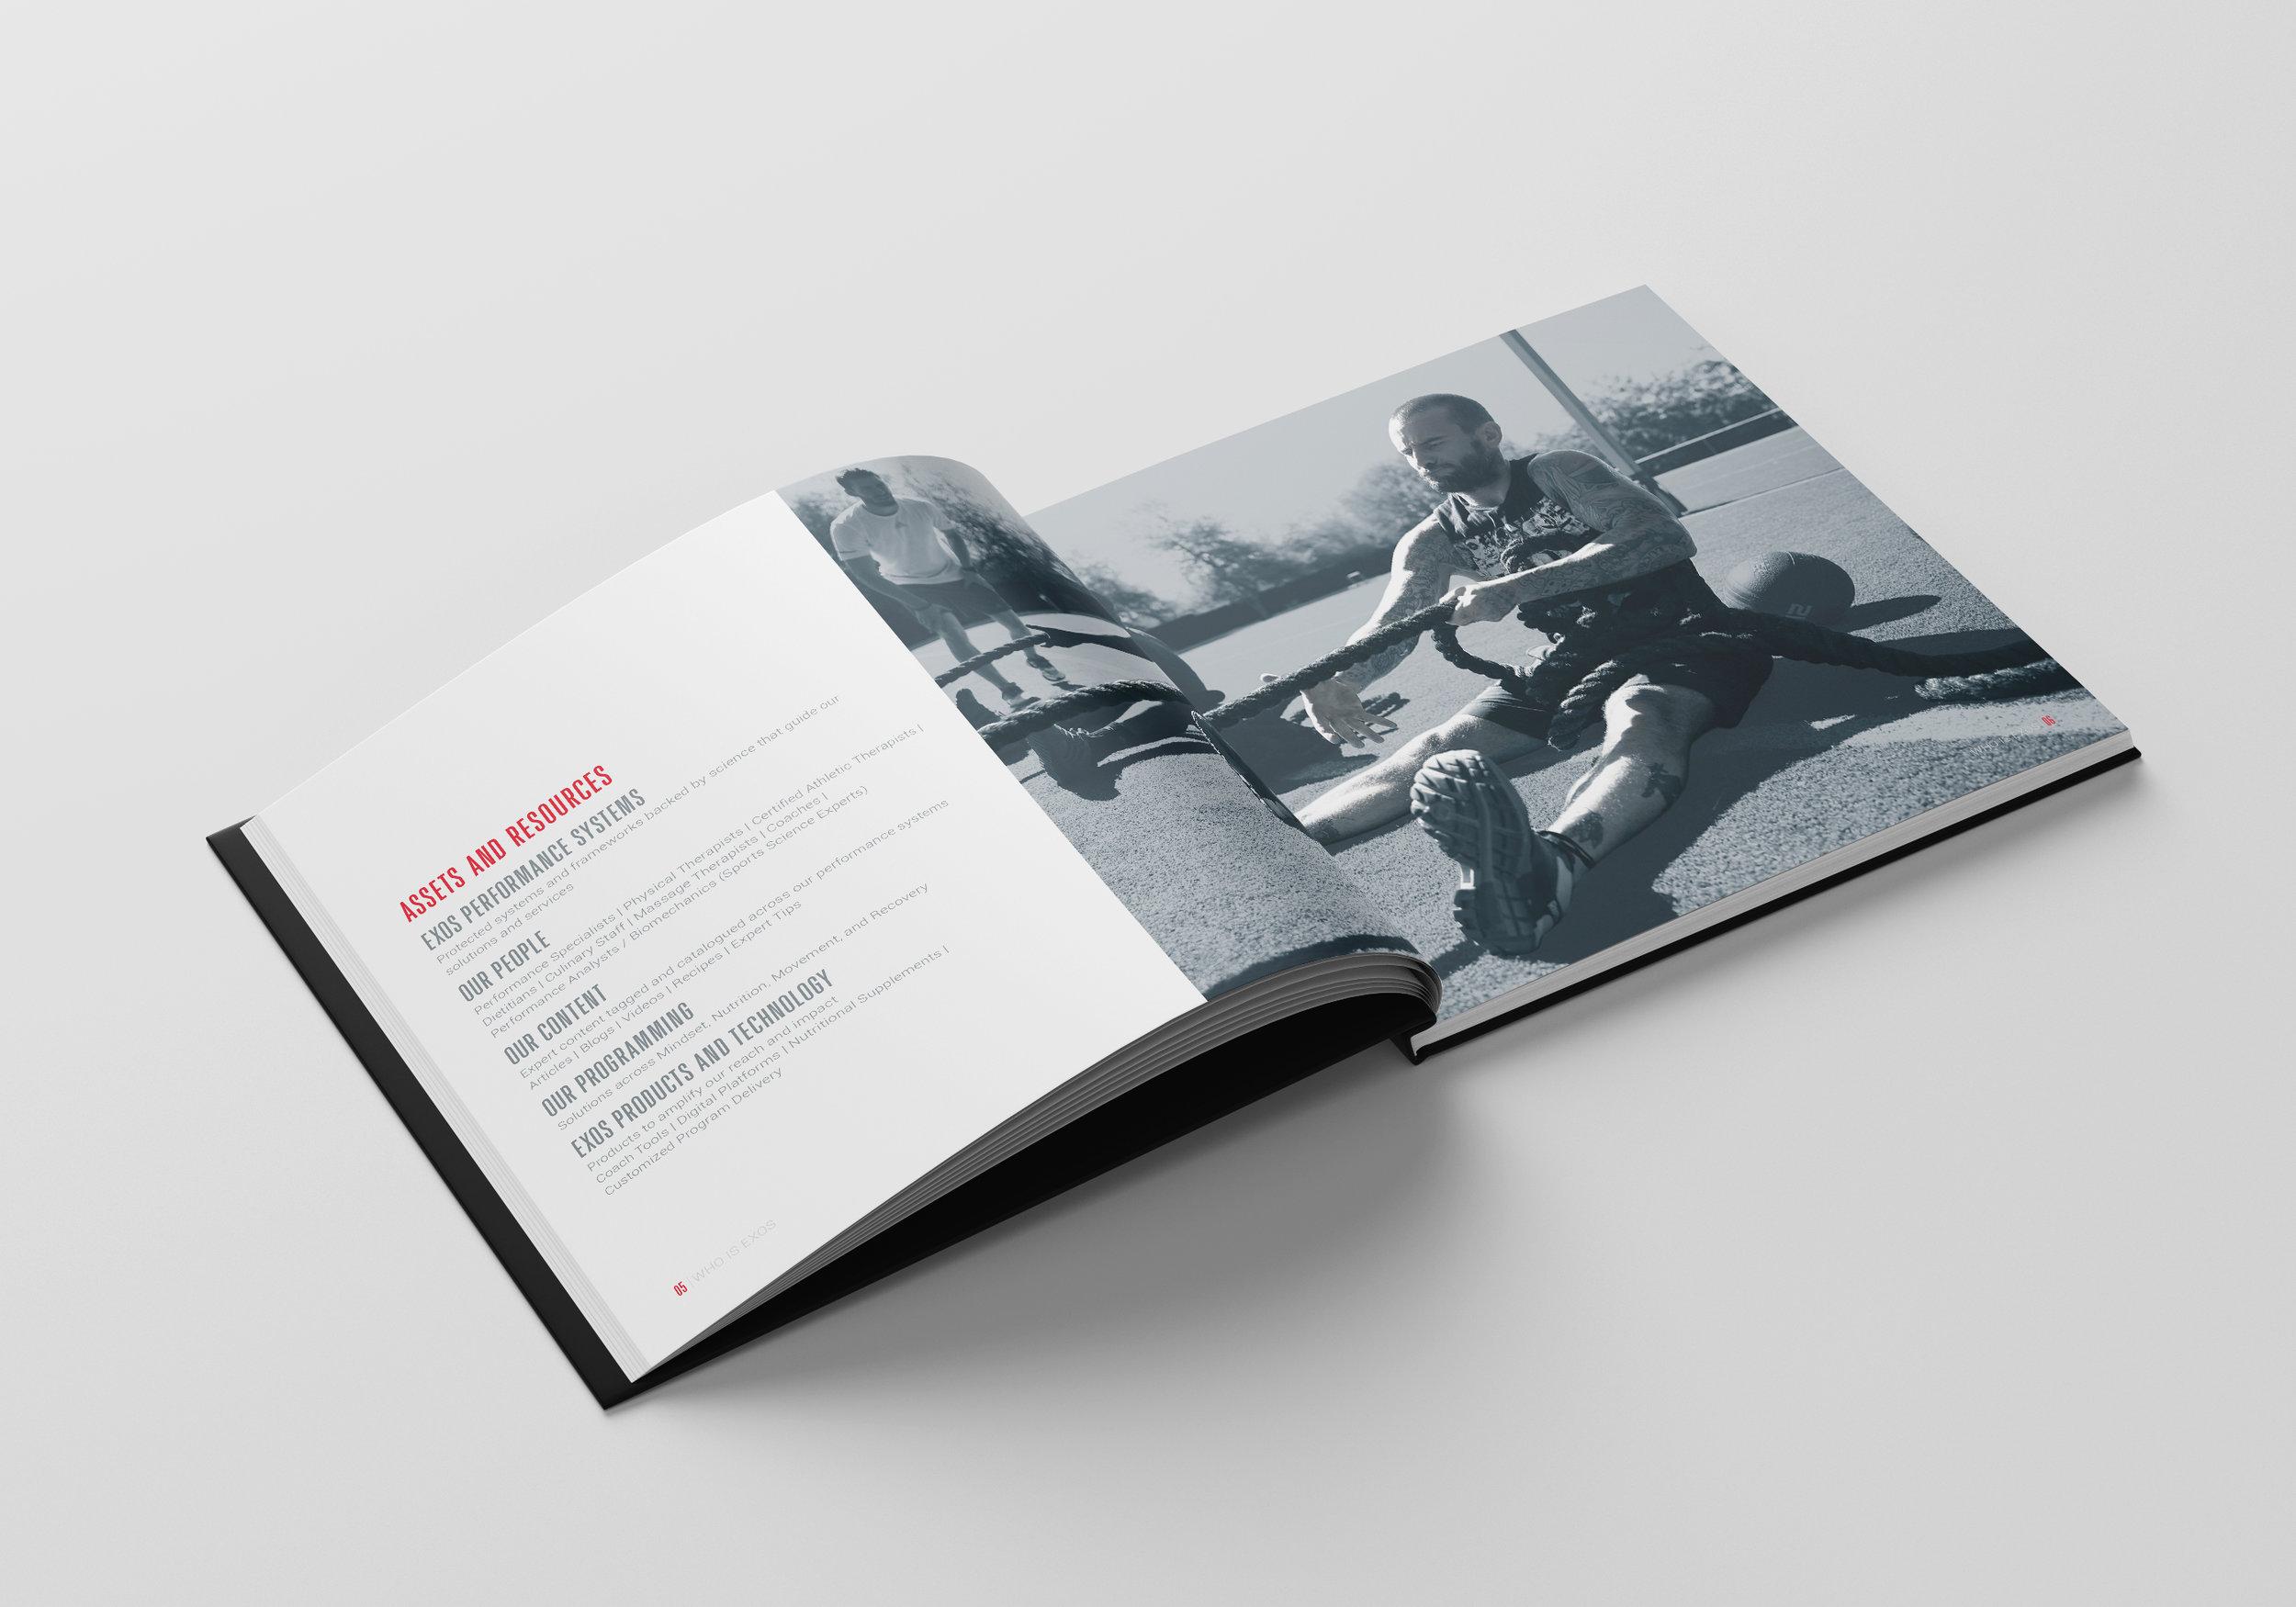 EXOS_UFC_Book_Spreads_DetailPull.jpg